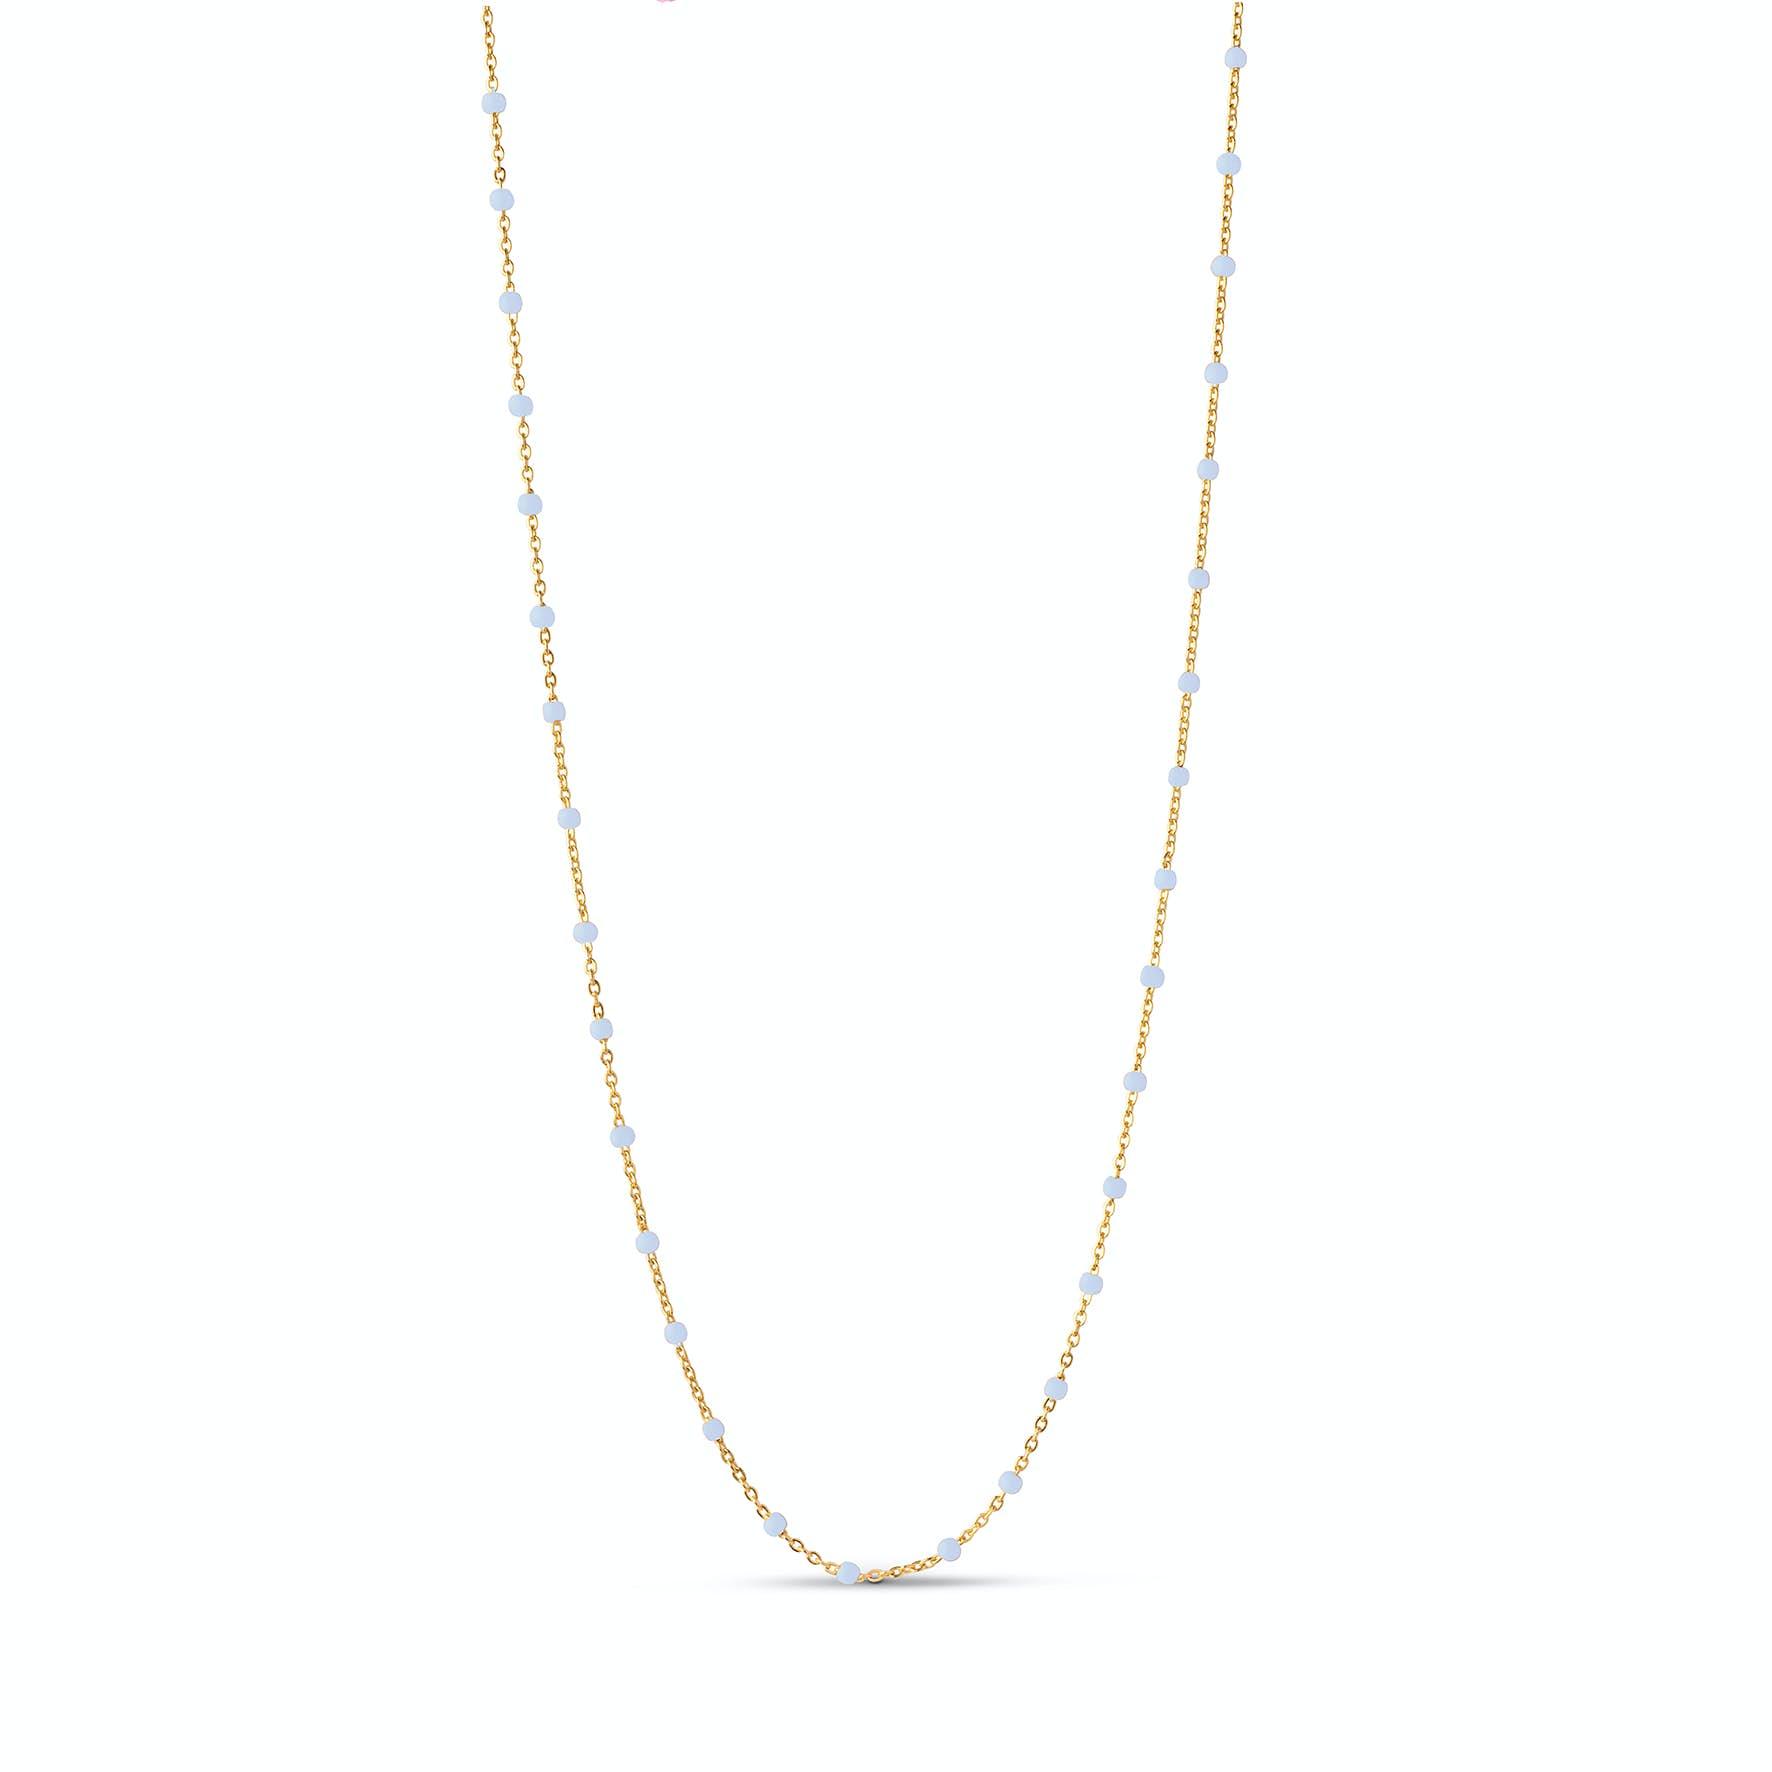 Lola Necklace Sky fra Enamel Copenhagen i Forgylt-Sølv Sterling 925